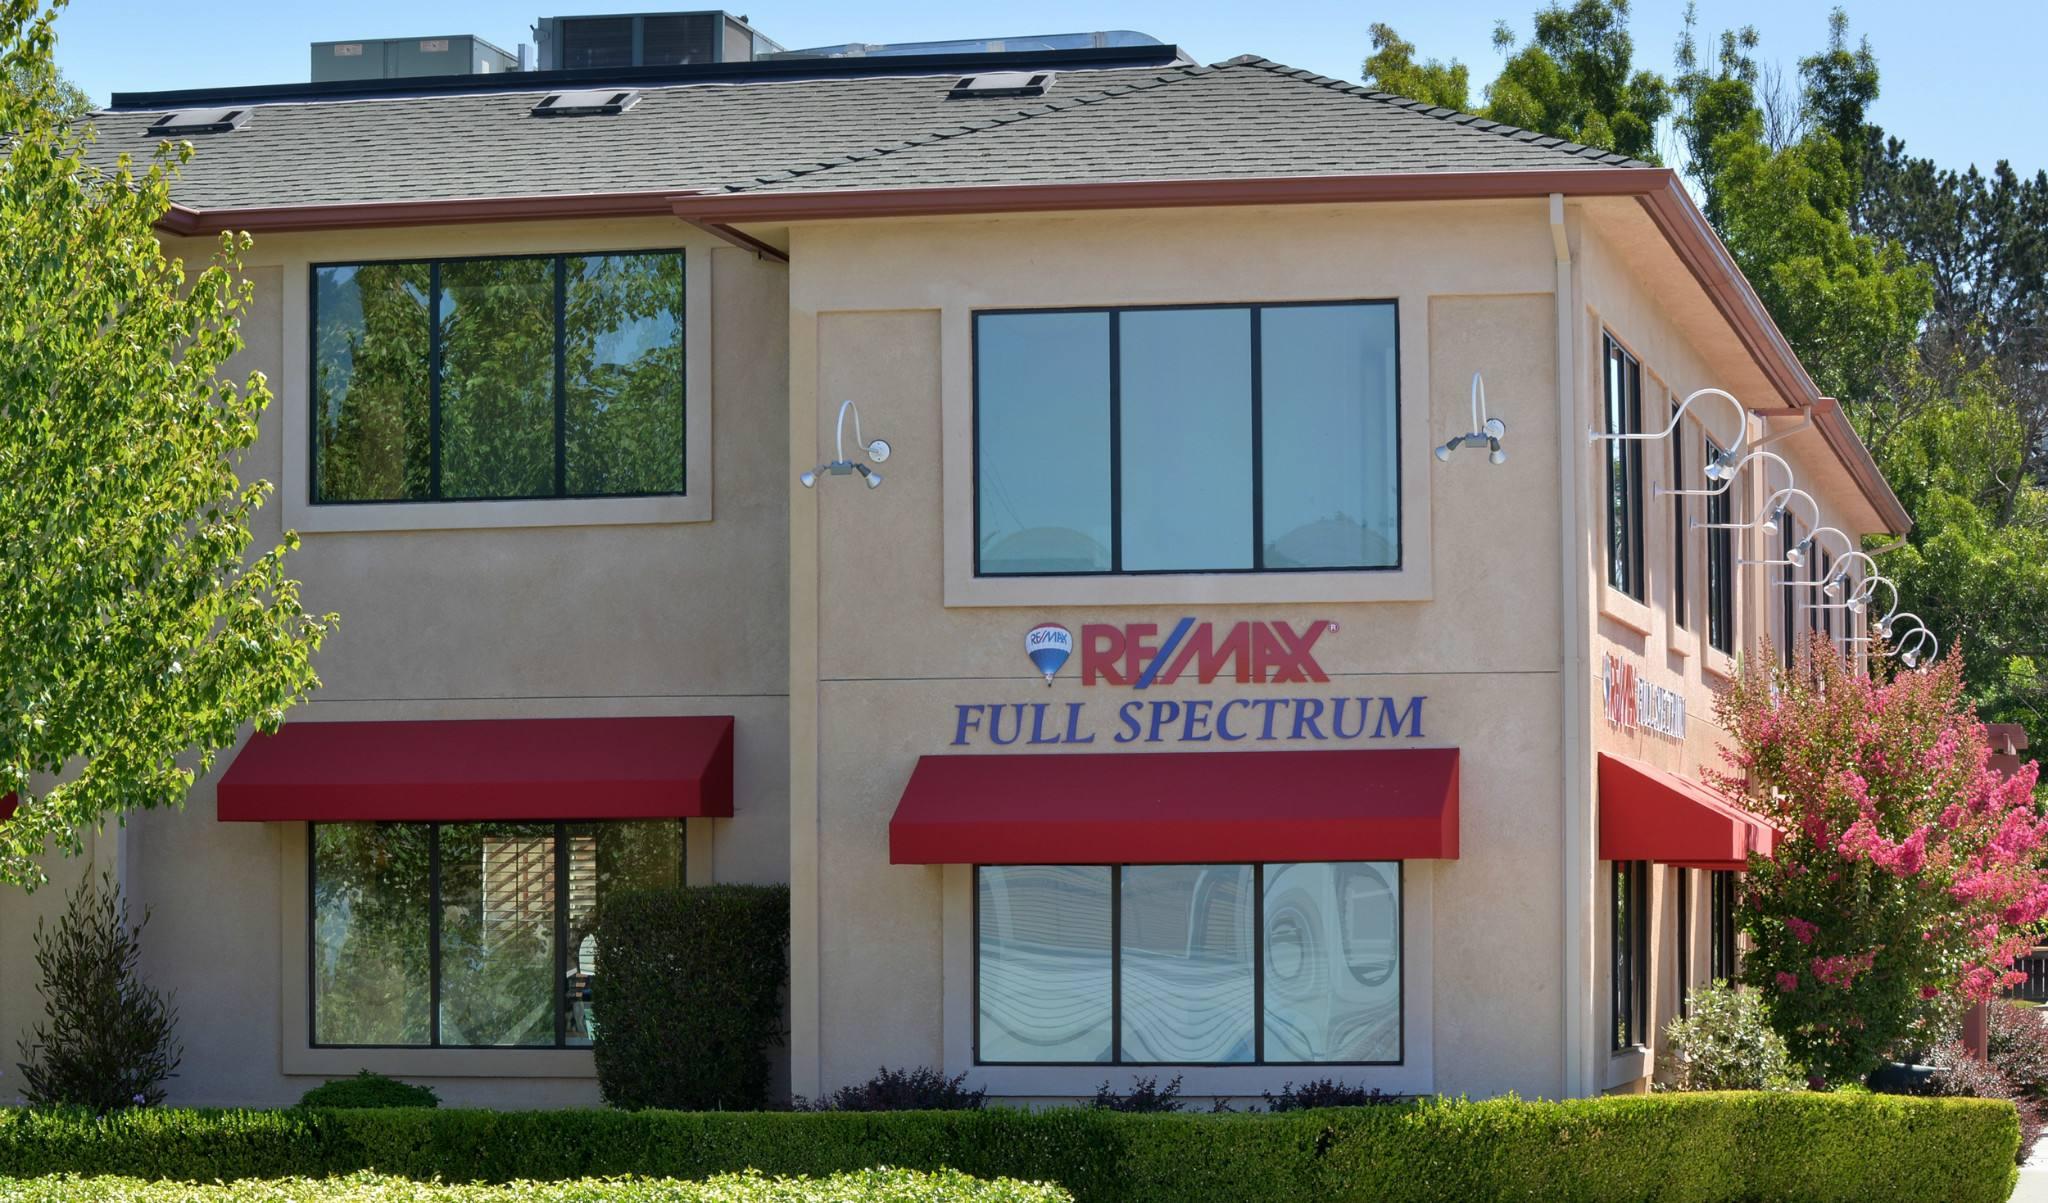 RE/MAX Full Spectrum